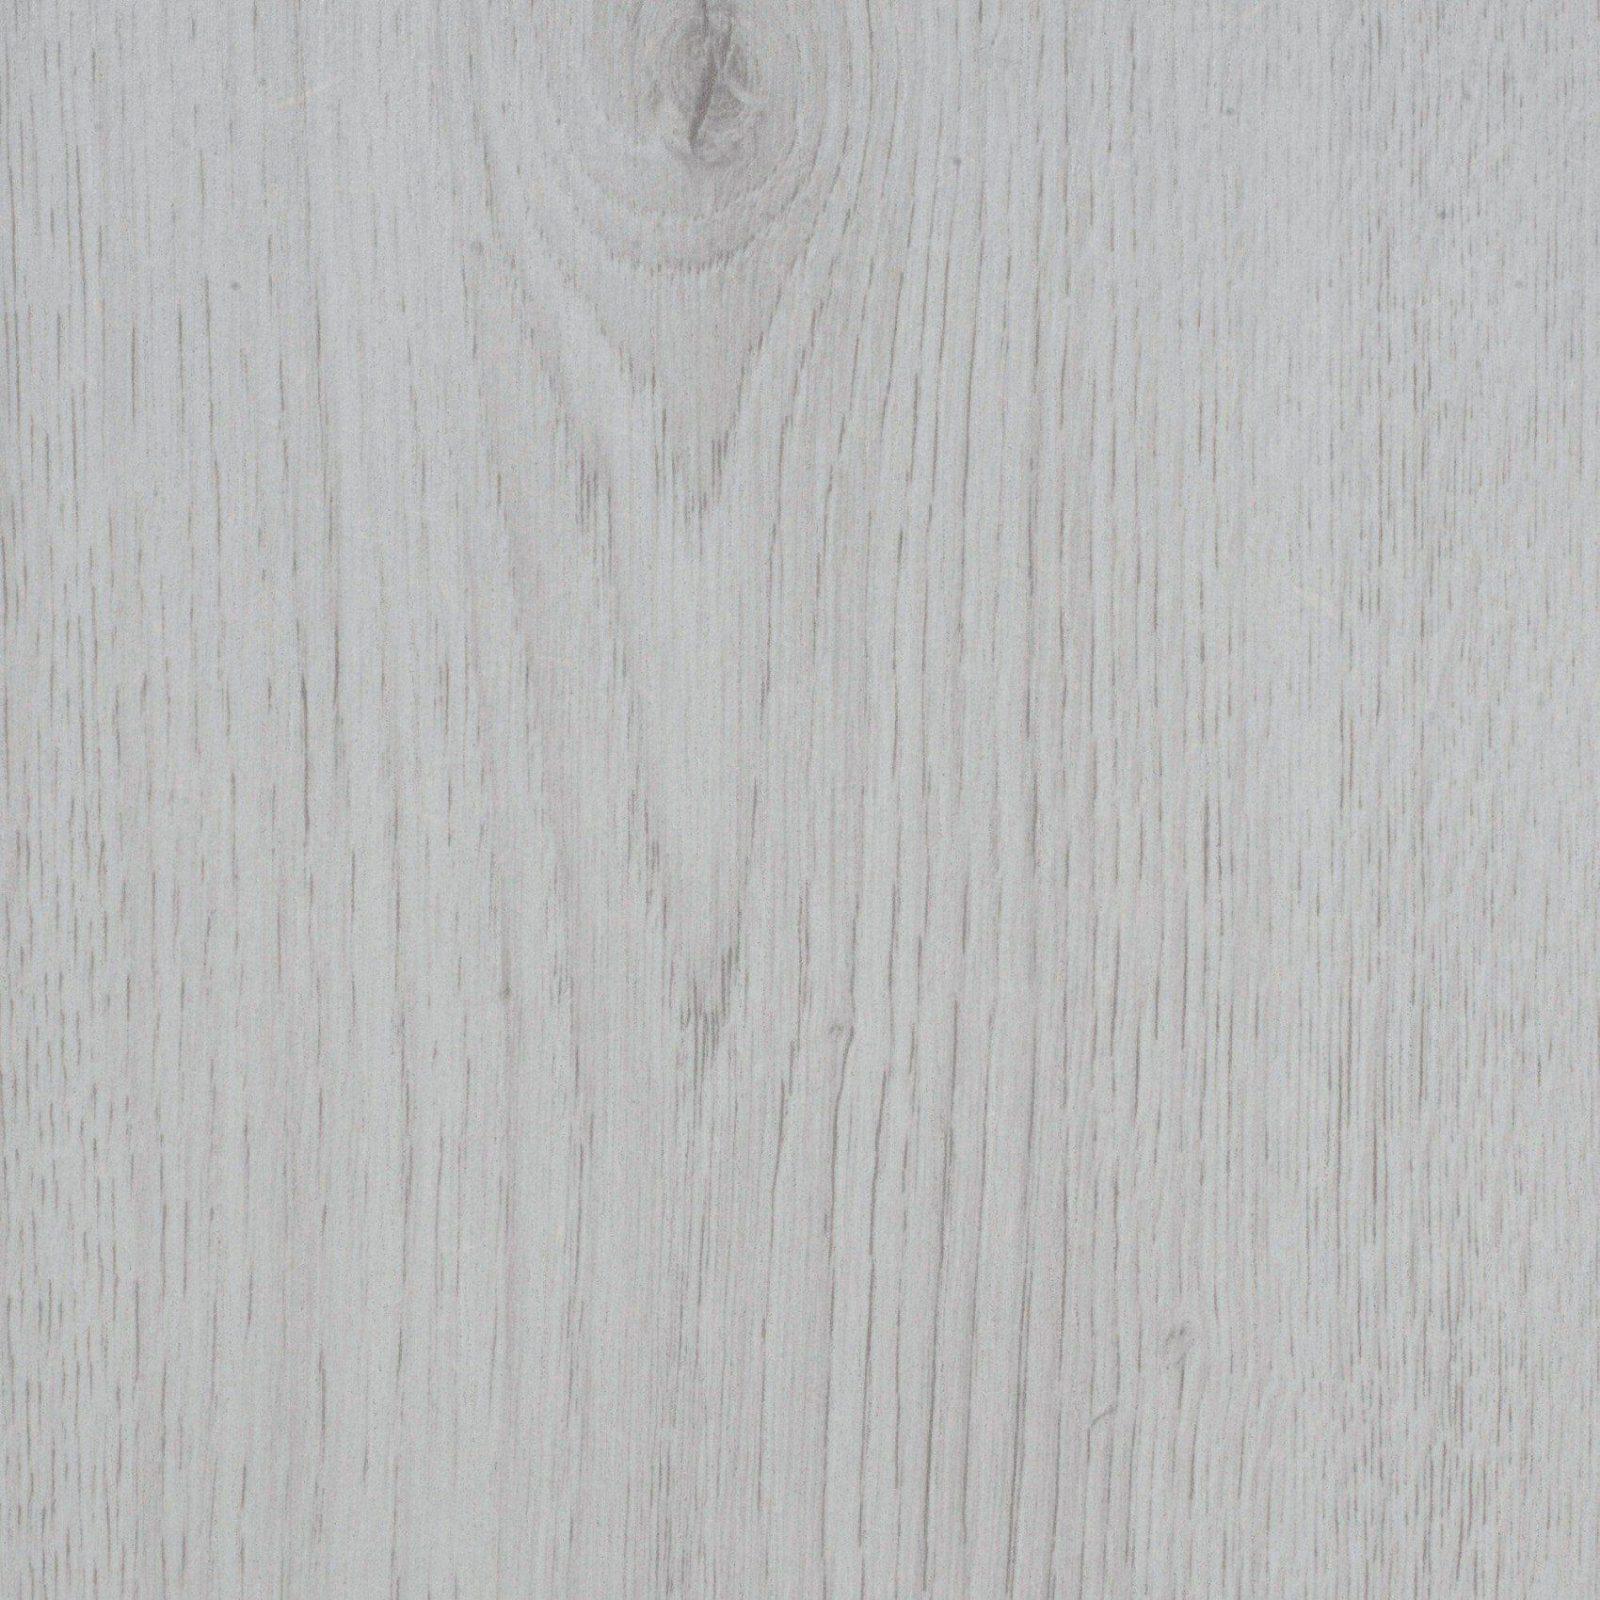 Bodenbelag Weiss Weisser Glanzender Bodenbelag Pvc Bodenbelag Weiss von Pvc Boden Weiß Hochglanz Photo